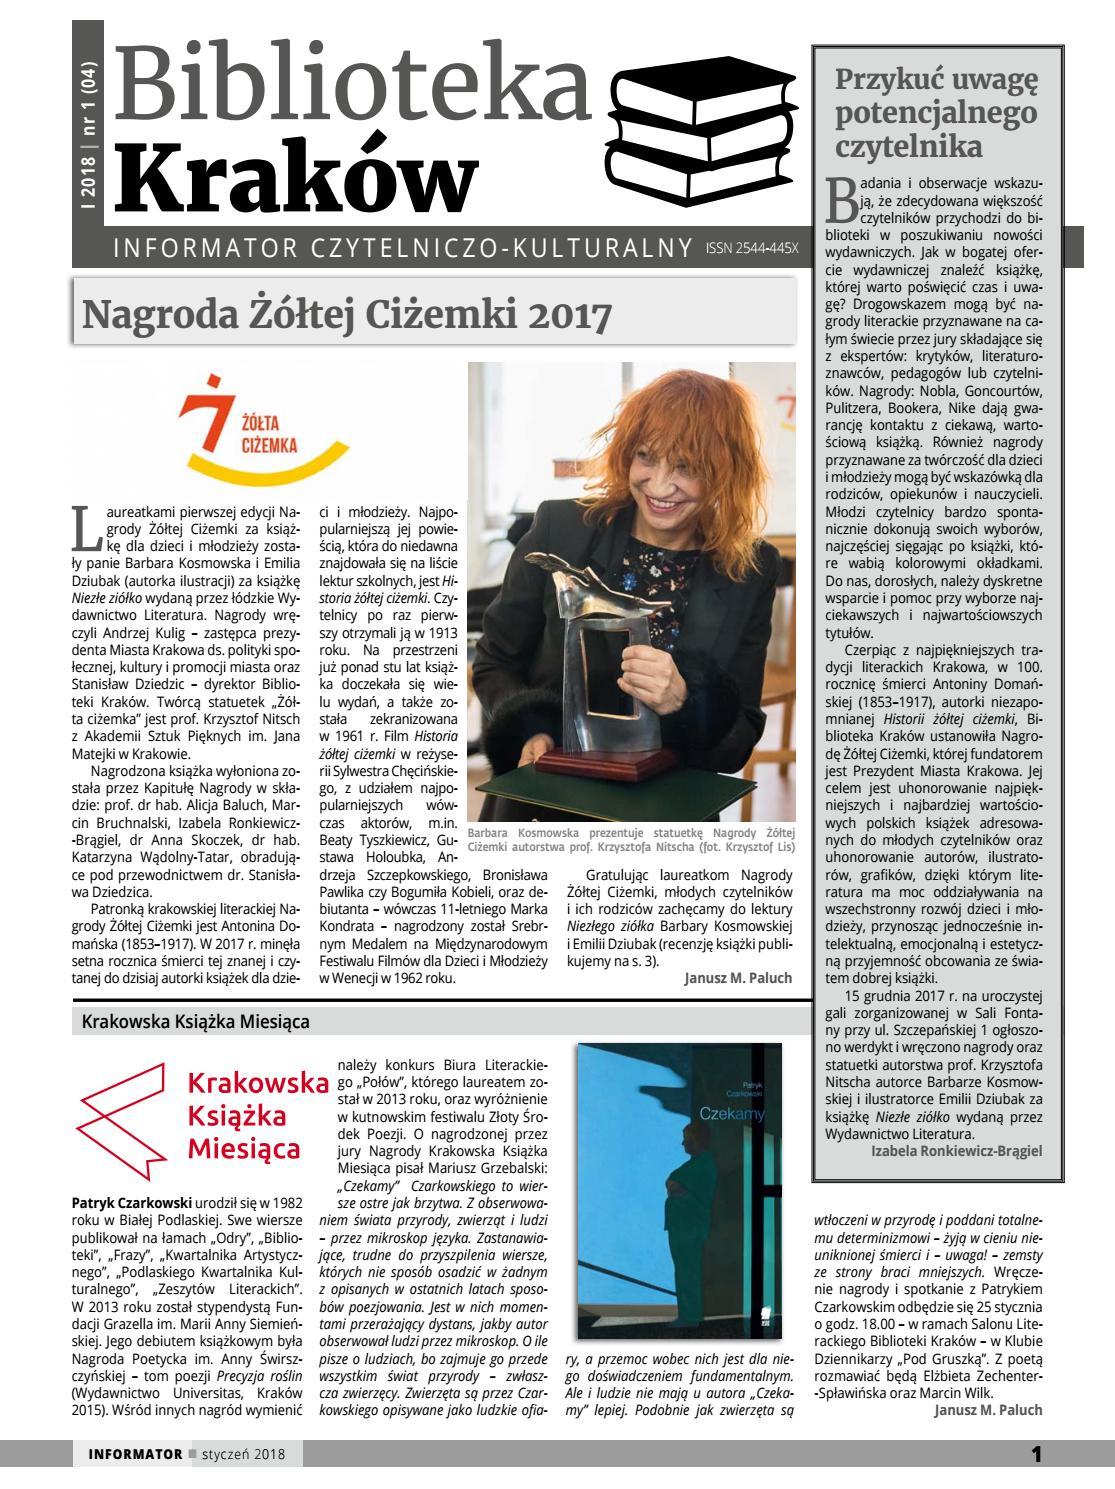 b43a089edc4cf1 Biblioteka kraków informator czytelniczo kulturalny styczeń 2018 by  Biblioteka Kraków - issuu